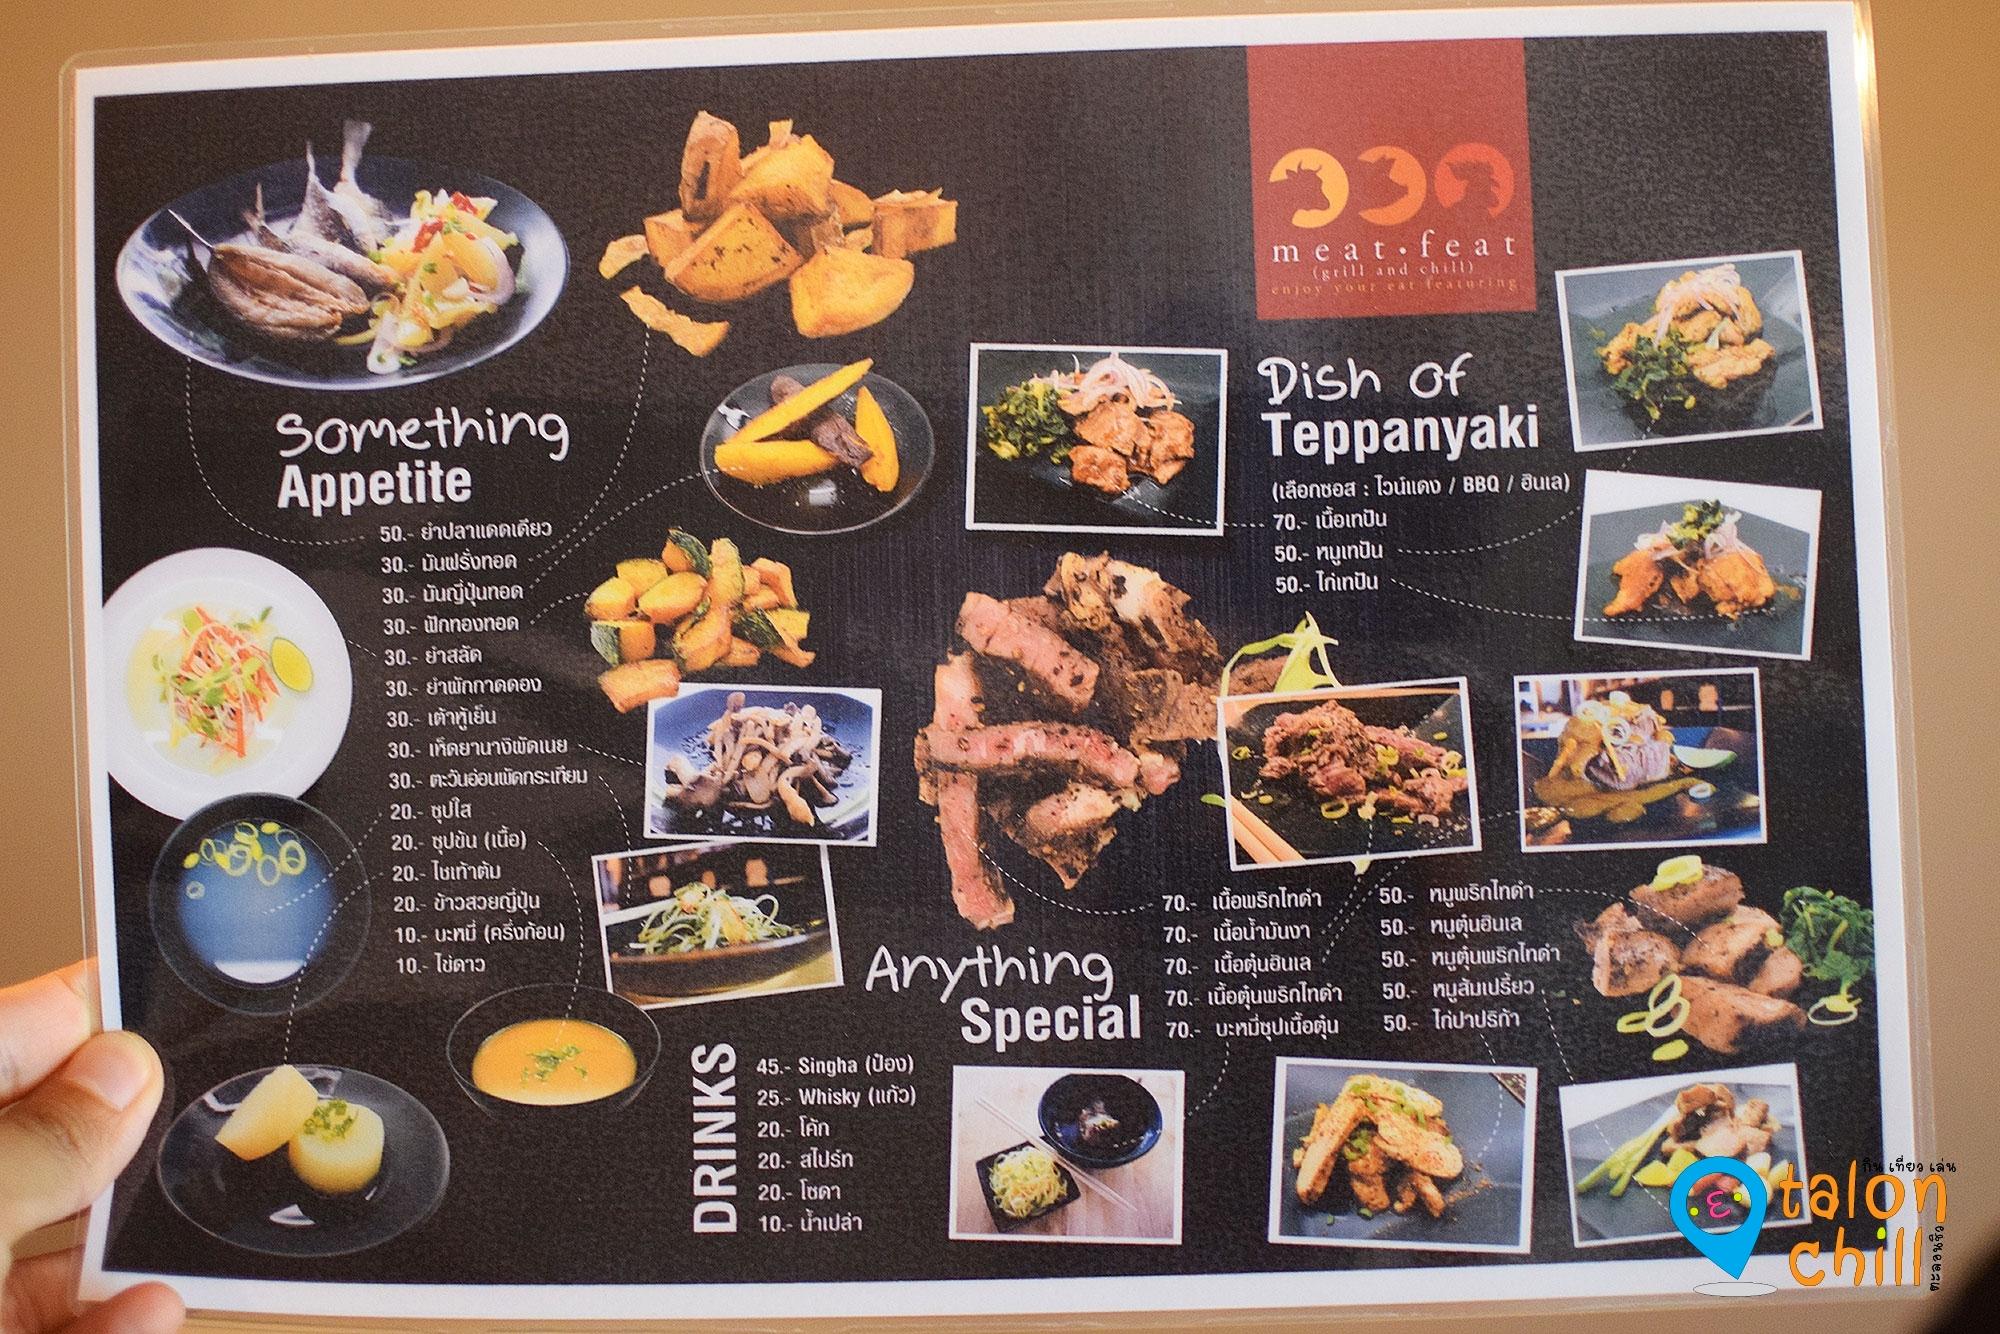 """[ตะลุยแหลก] ร้าน Meatfeat อาหารสไตล์ Izakaya (อิซากายะ) """"แนวเทปันยากิสเต็กสไตล์ญี่ปุ่น"""" ห้ามพลาด"""